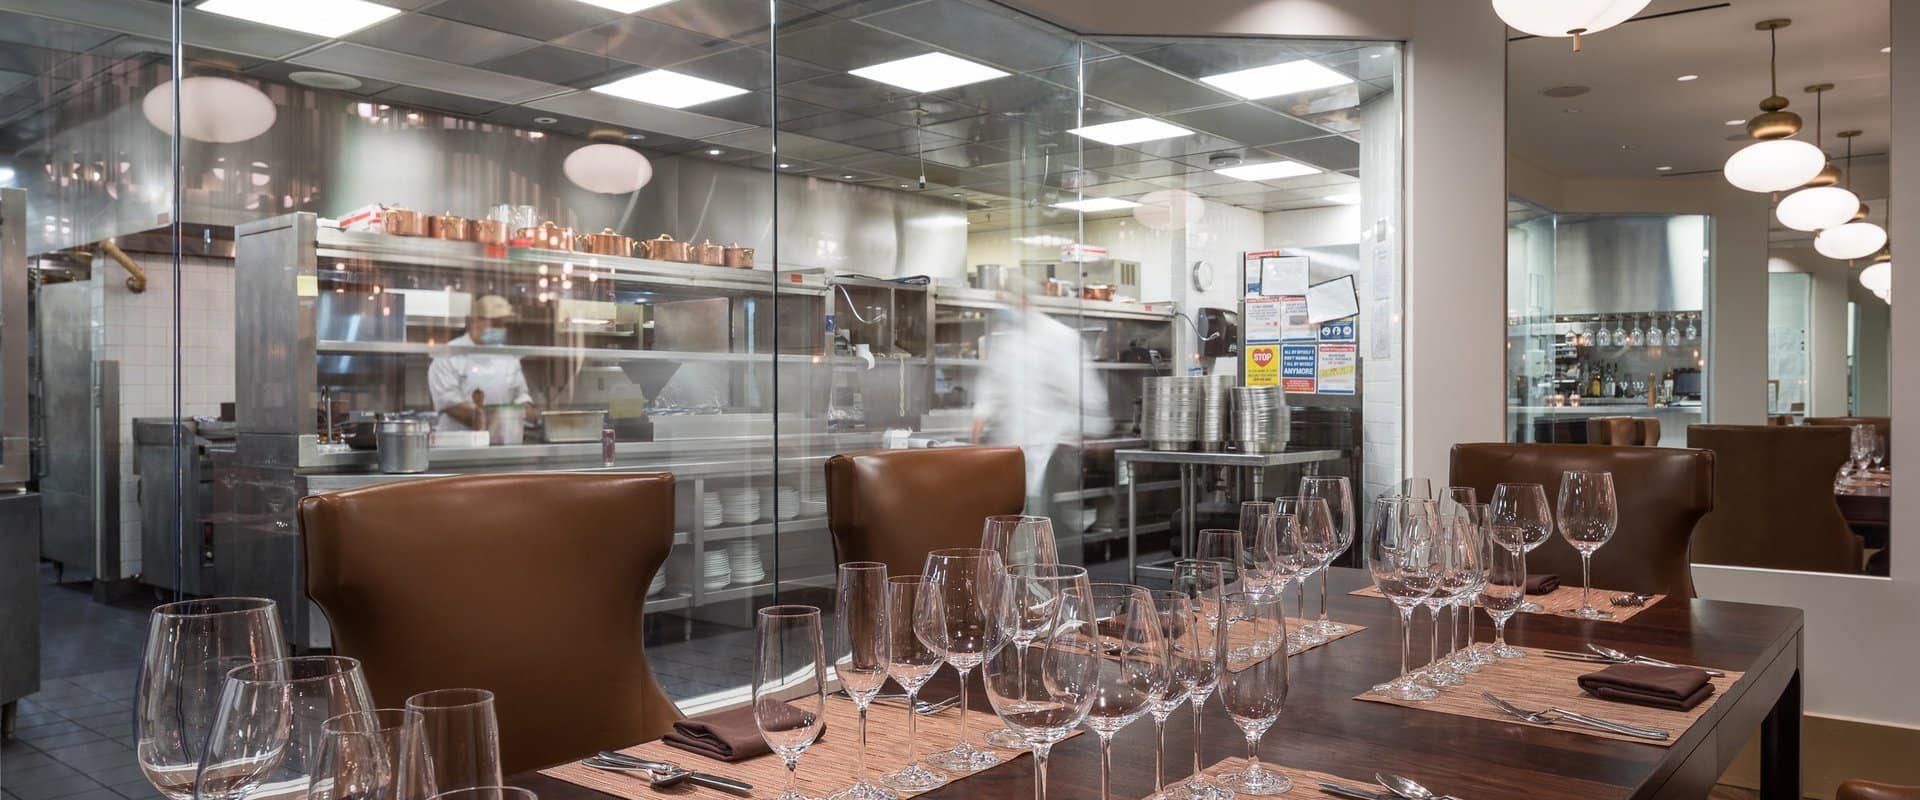 Delmonico Private Dining Room